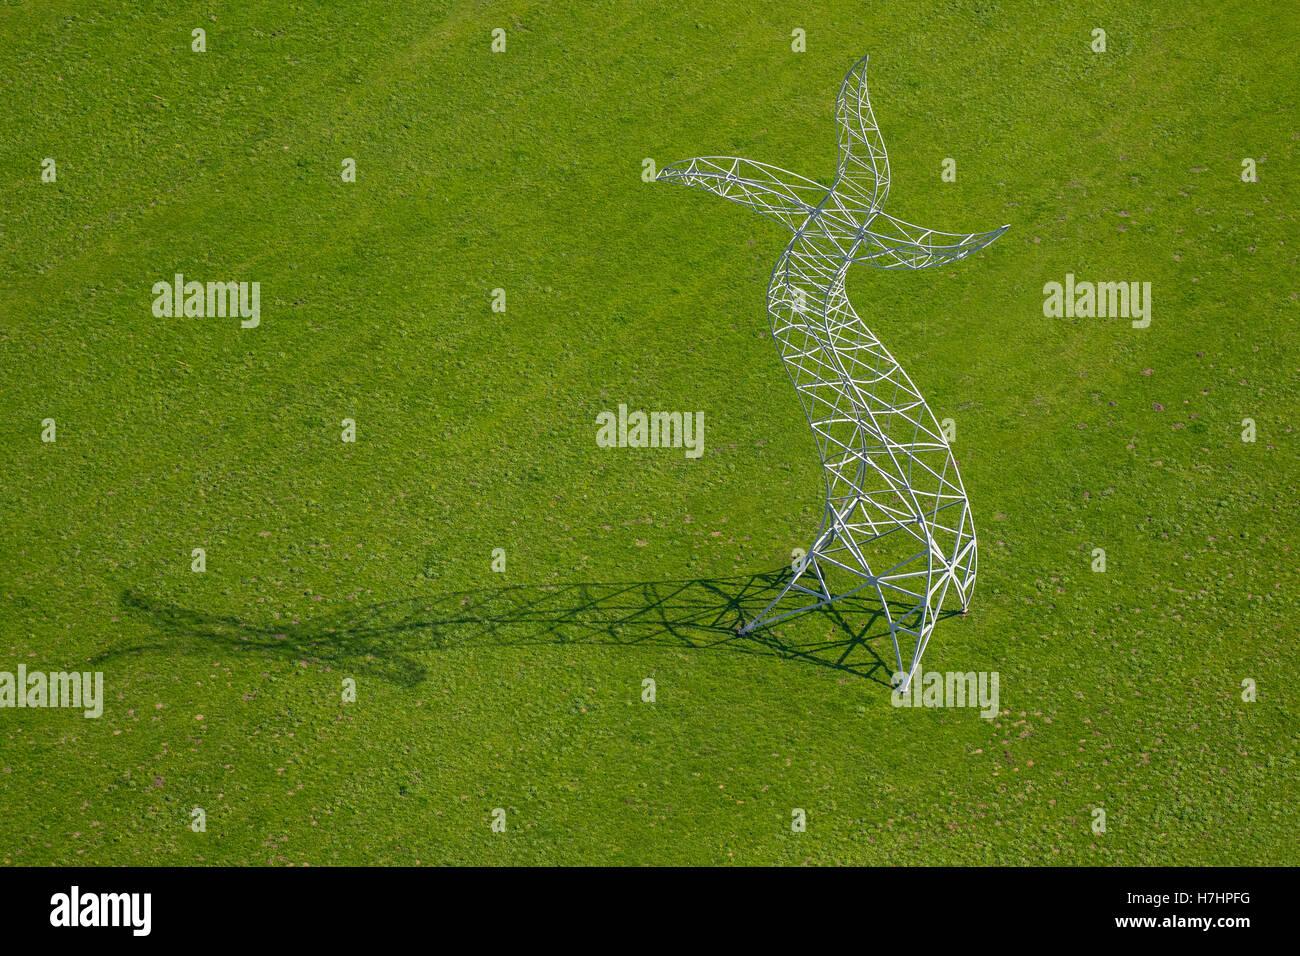 Zauberlehrling Skulptur, 2013 Installation tanzende elektrische Pylon, Emscher Kunst, Ines Idee Künstlergruppe, Stockbild